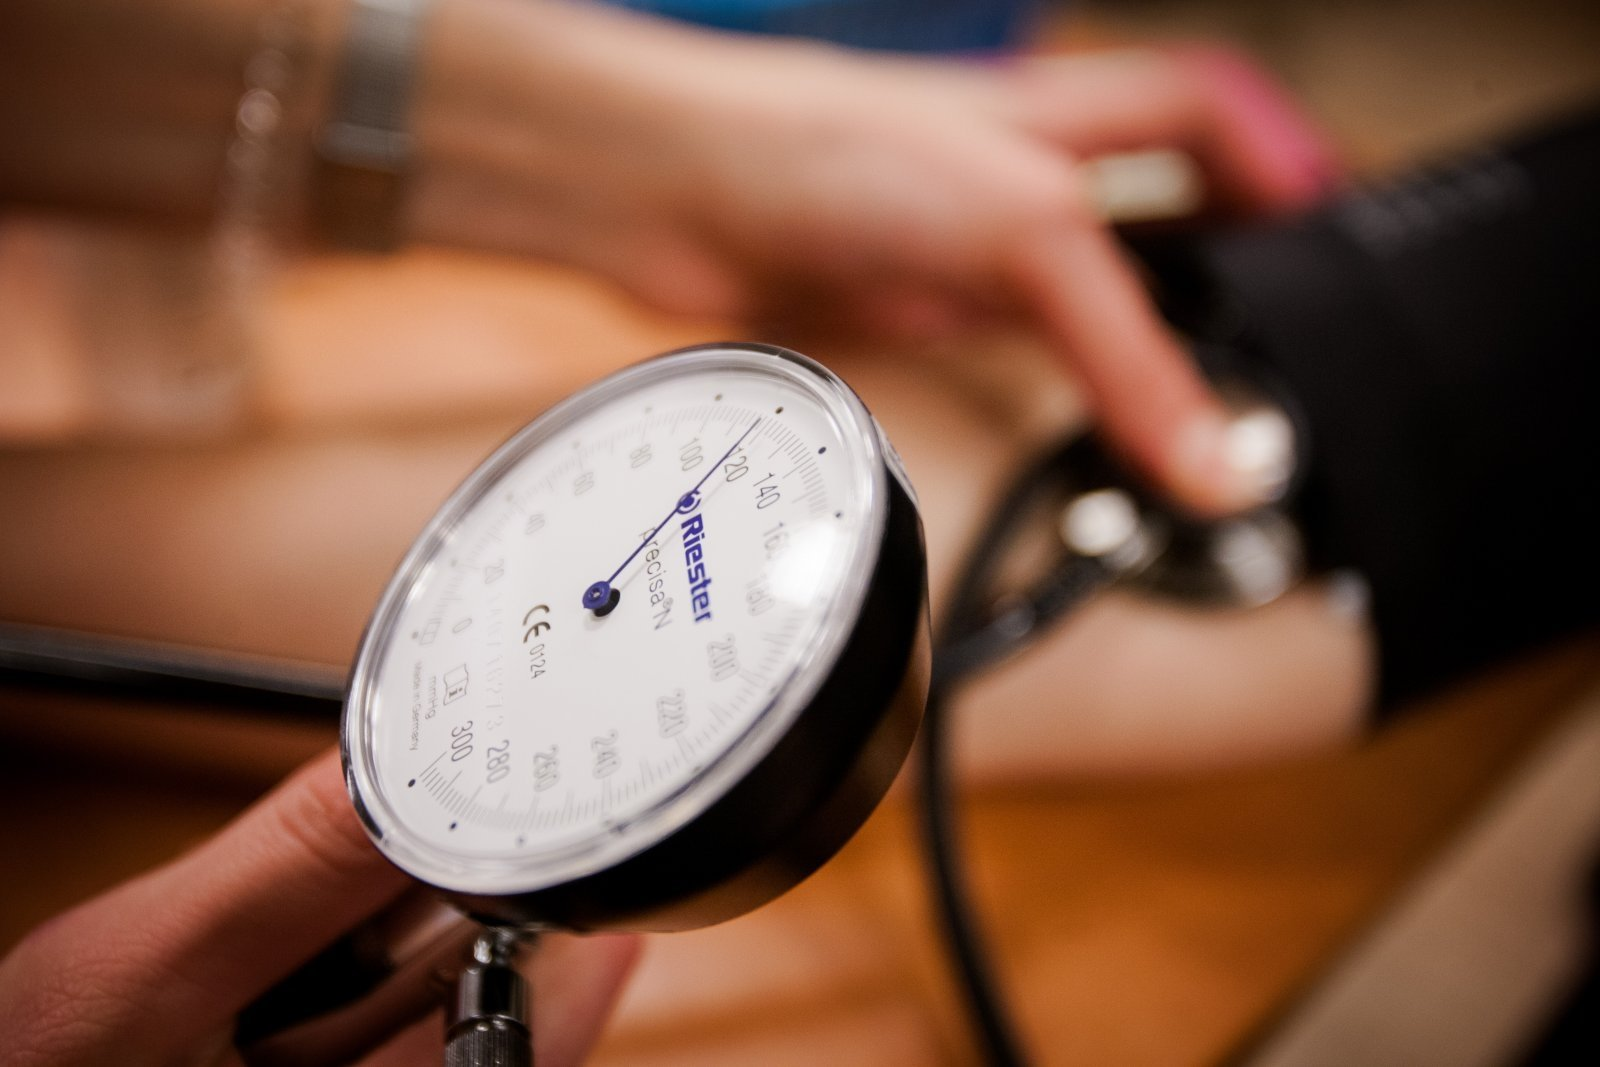 ką rodo pilvo ertmės ultragarsas esant hipertenzijai pirminė hipertenzija, kuriam vaistui teikti pirmenybę